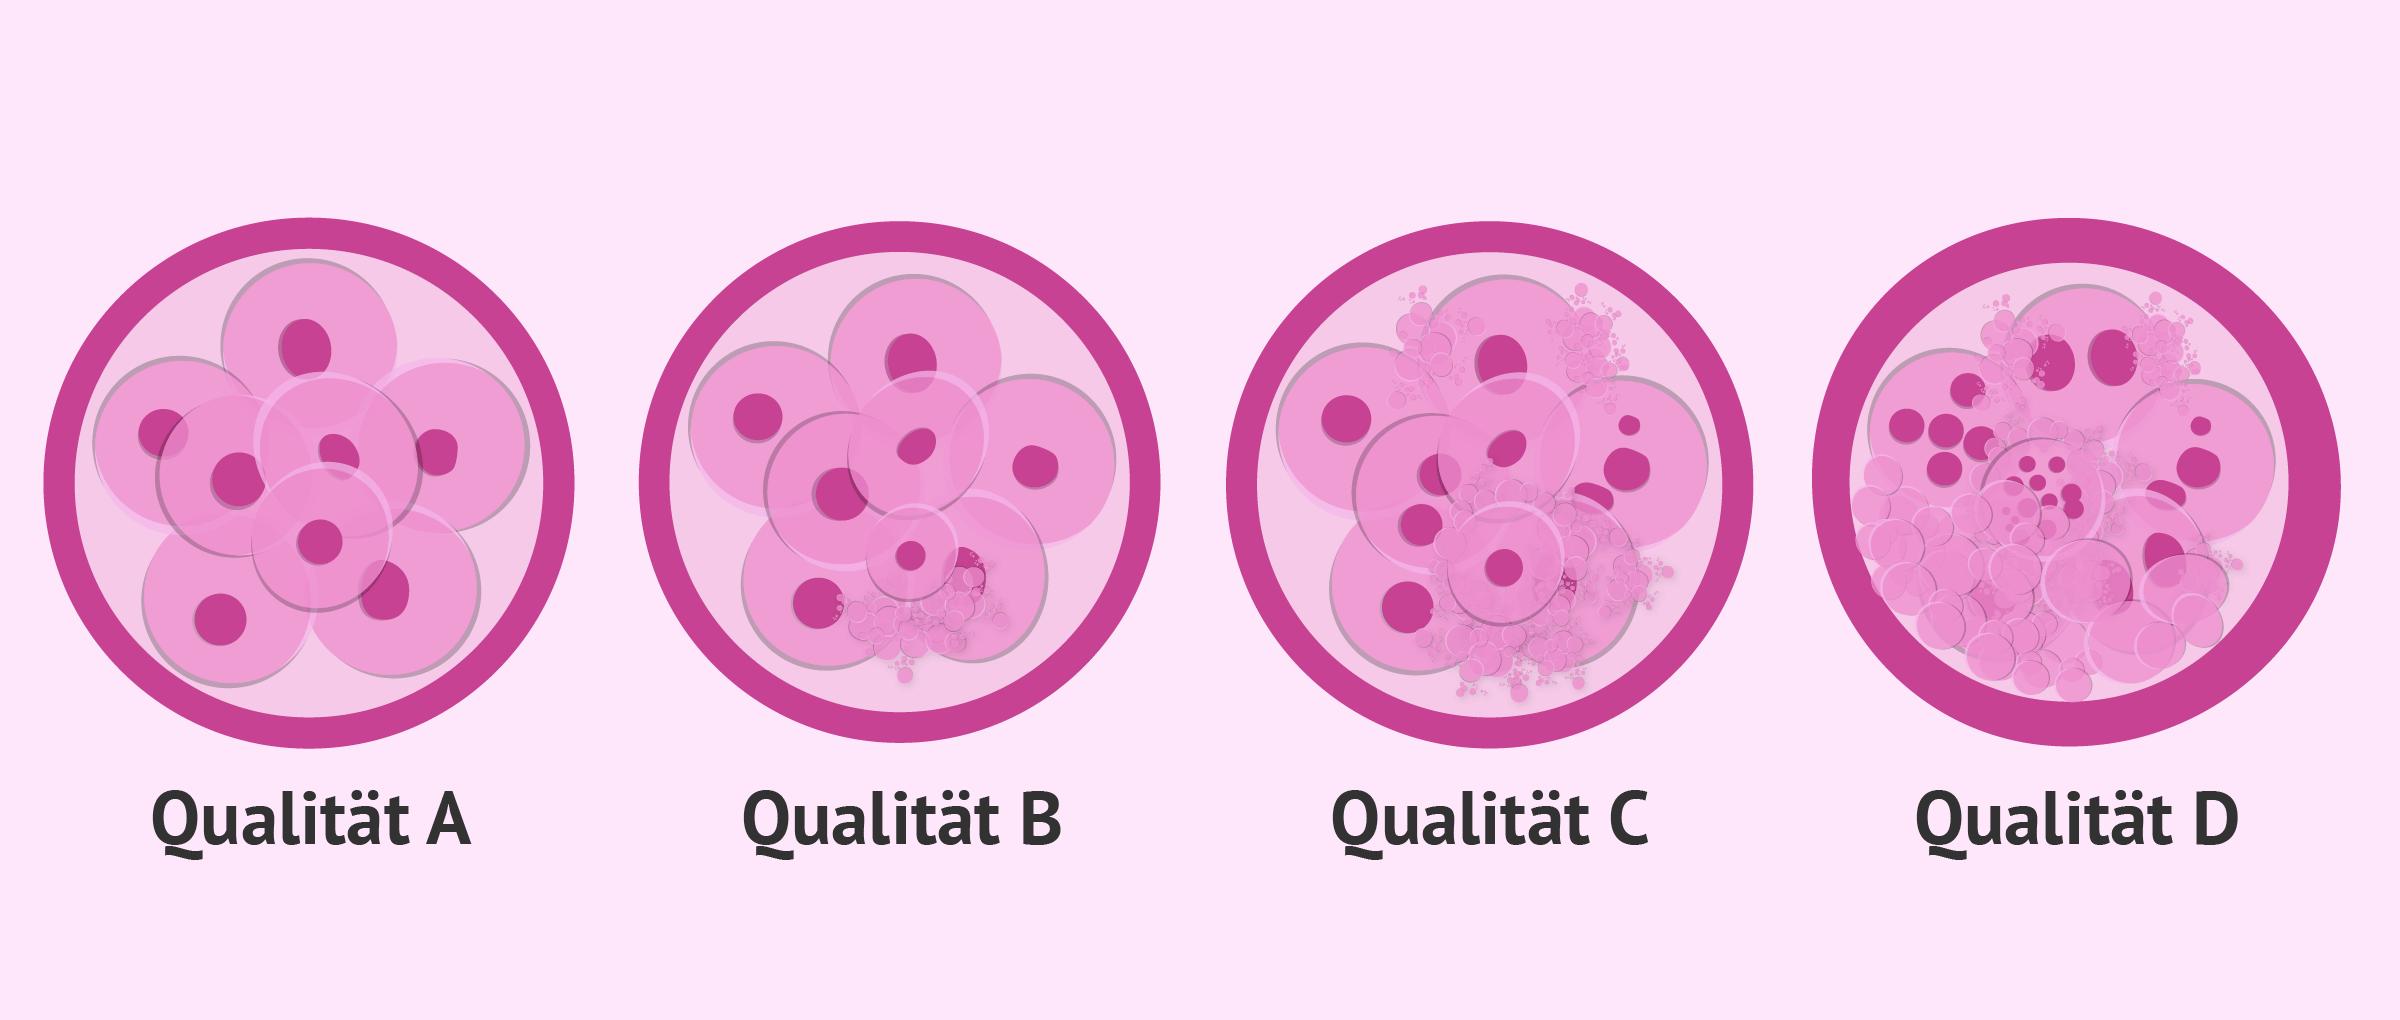 Vergleich der Embryoqualität